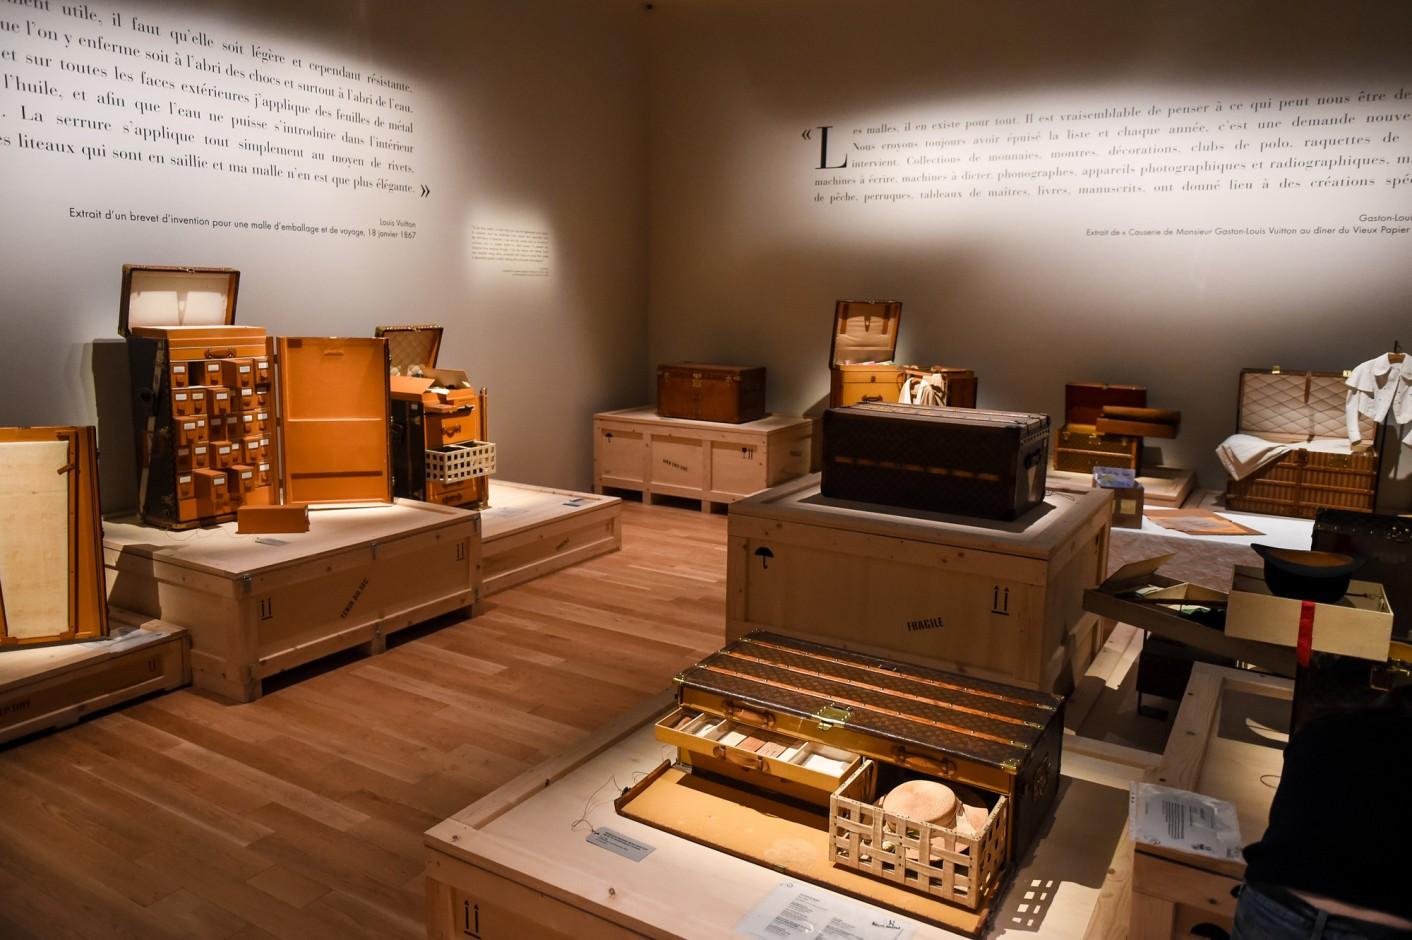 louis-vuitton-volez-voguez-voyagez-exhibition-new-york-2